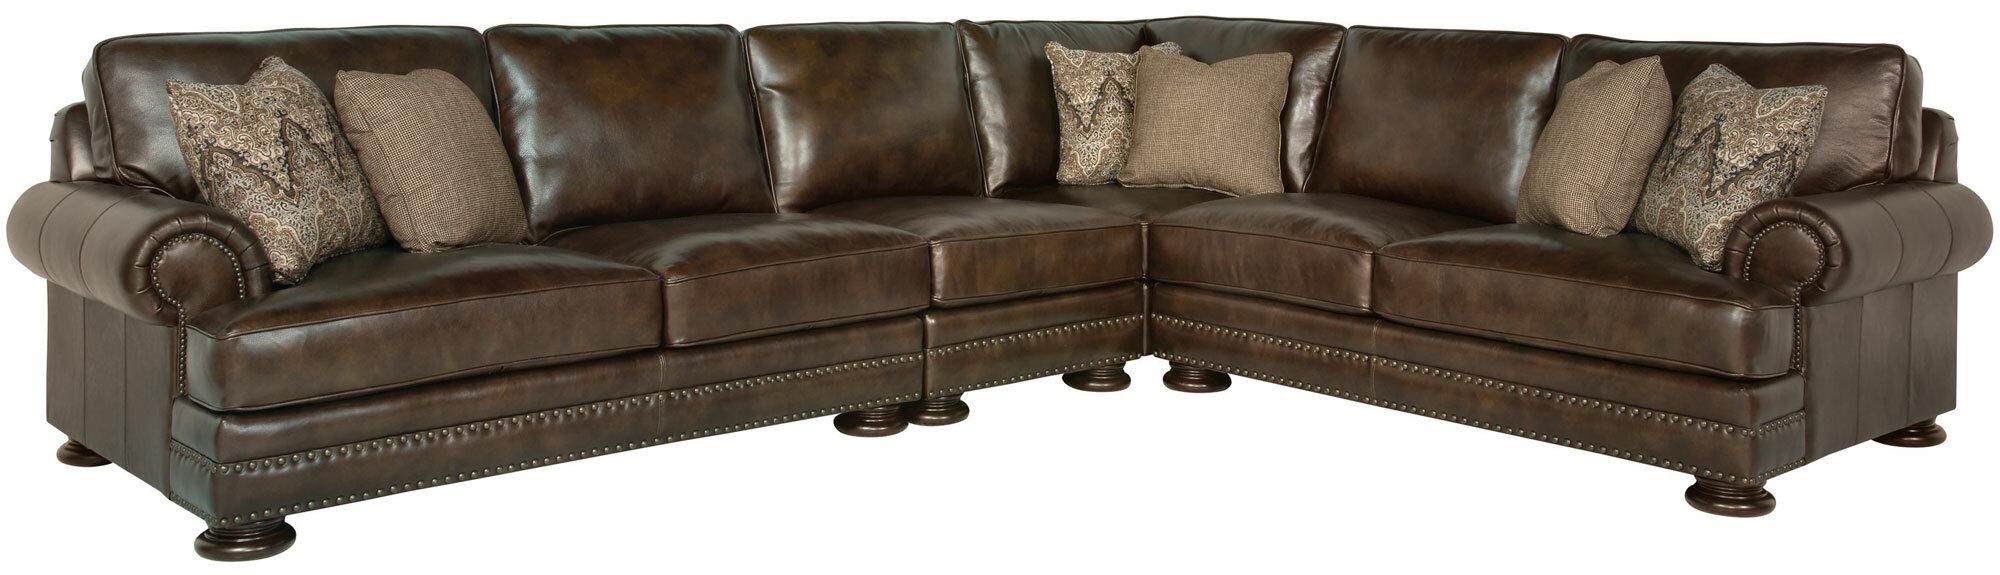 Superieur Bernhardt Foster Leather Modular Sectional | Wayfair